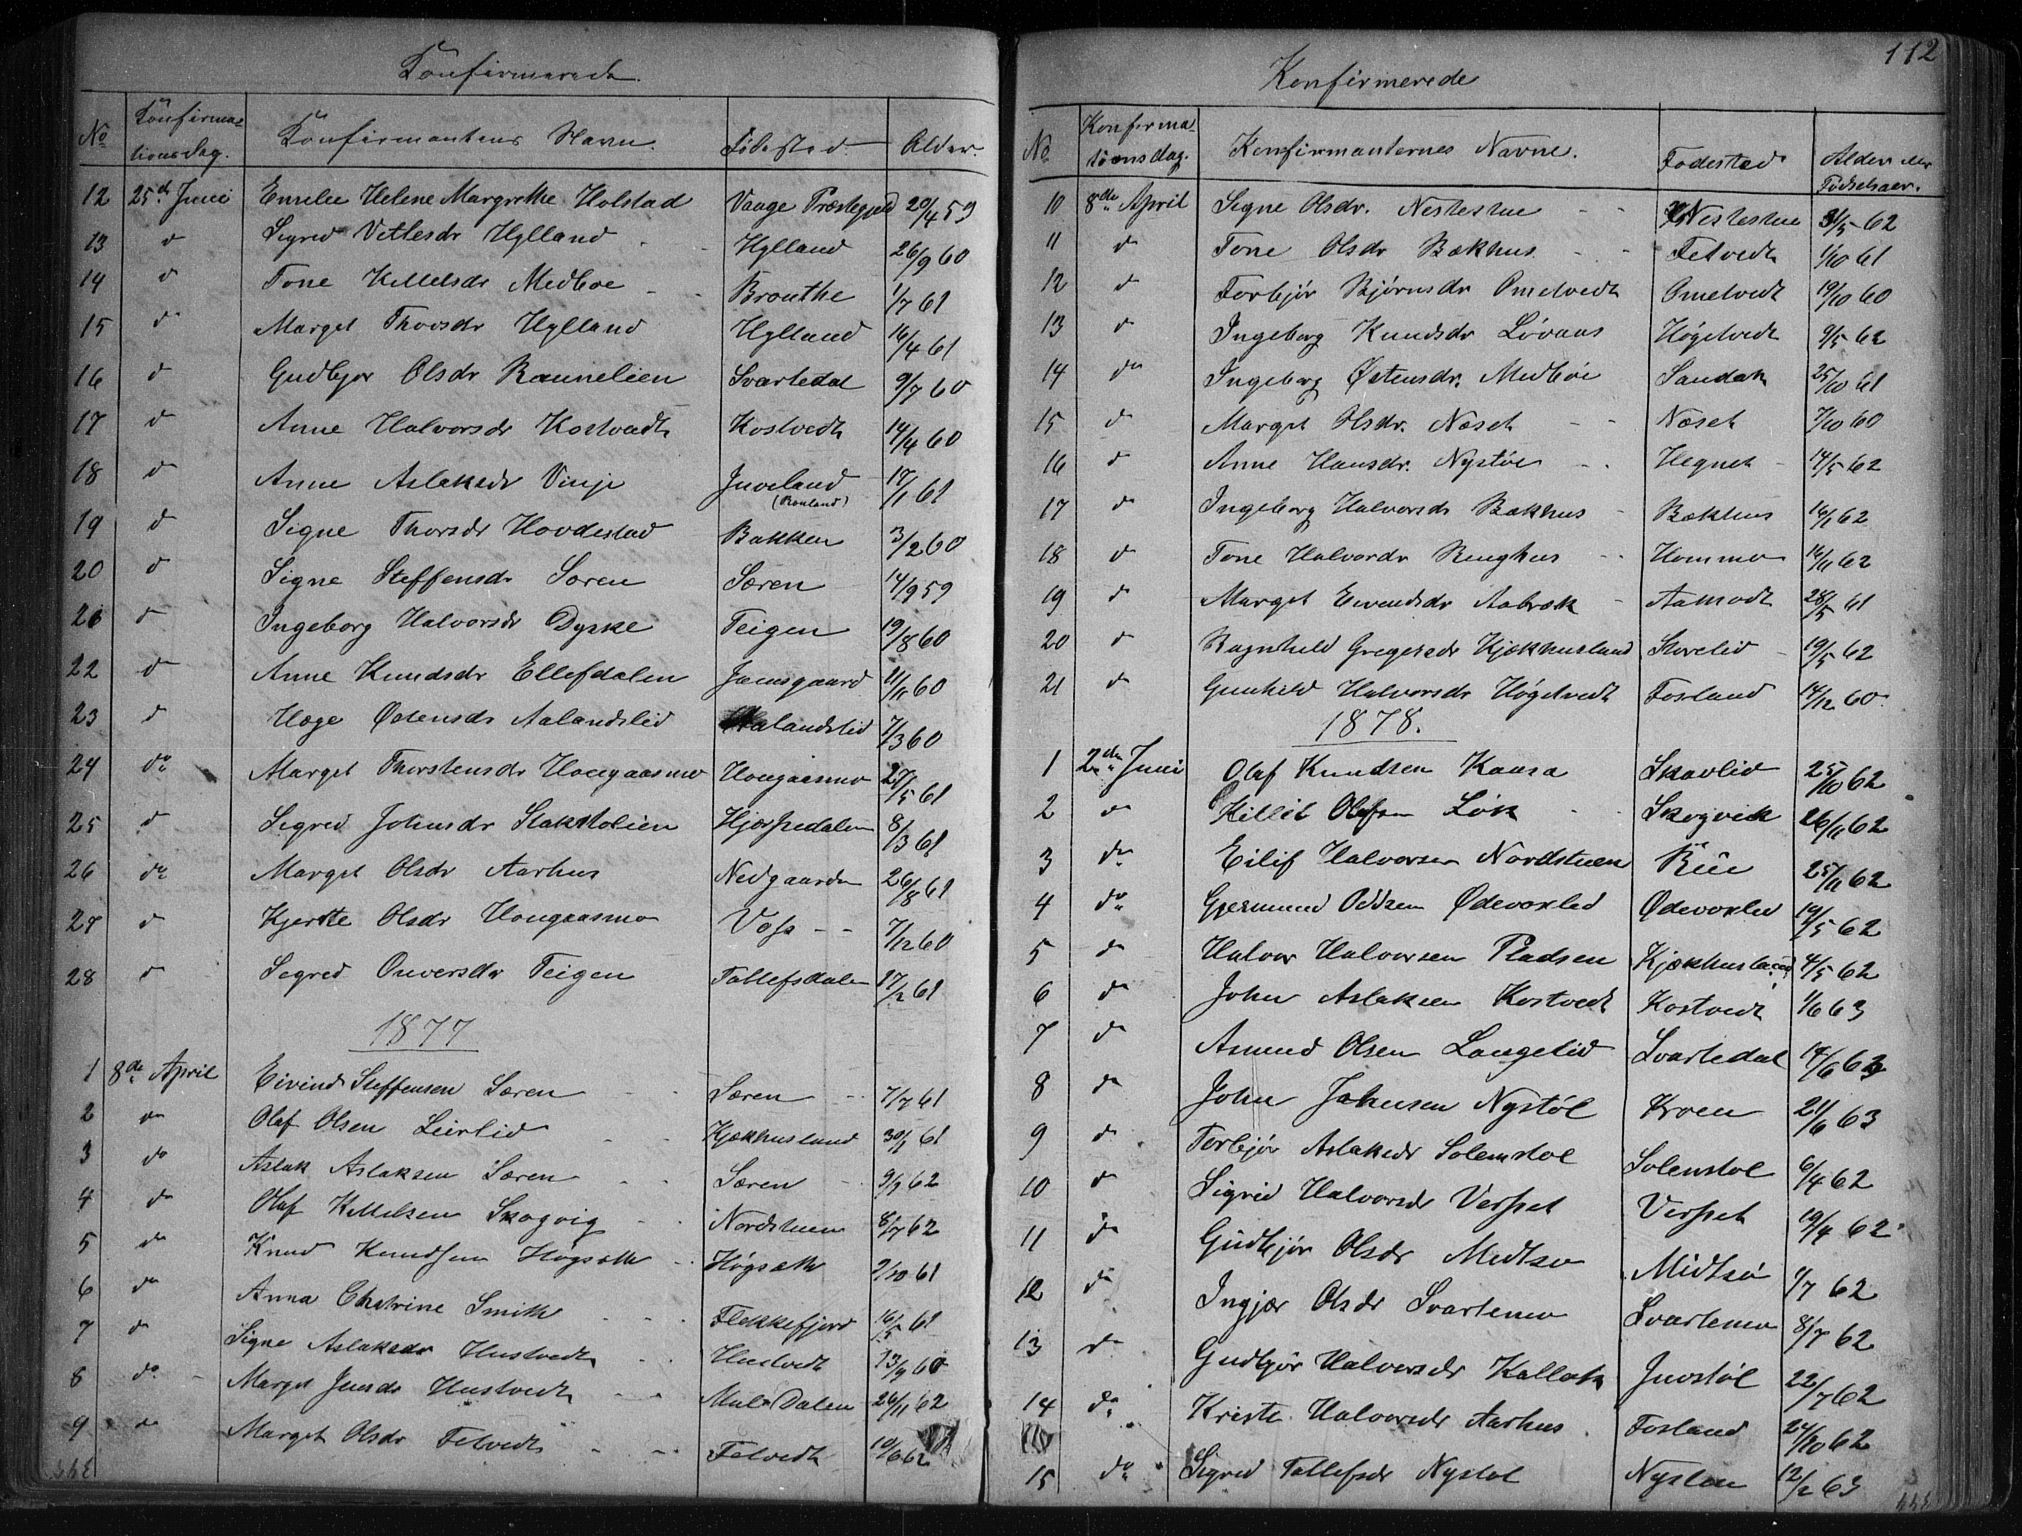 SAKO, Vinje kirkebøker, G/Ga/L0002: Klokkerbok nr. I 2, 1849-1893, s. 112